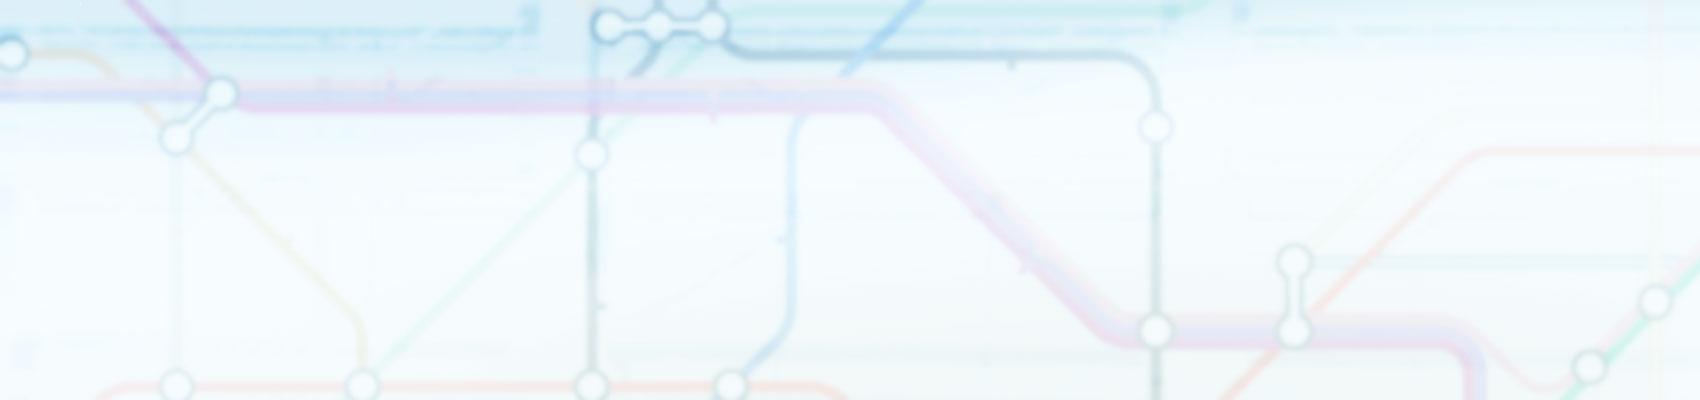 Slider-Programas-Tube-BG